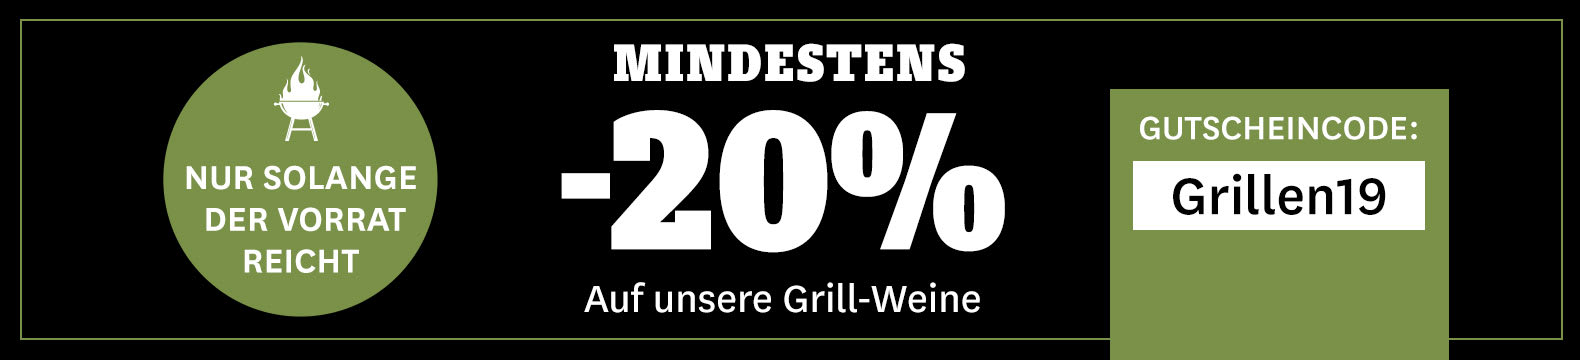 Grill-Weine